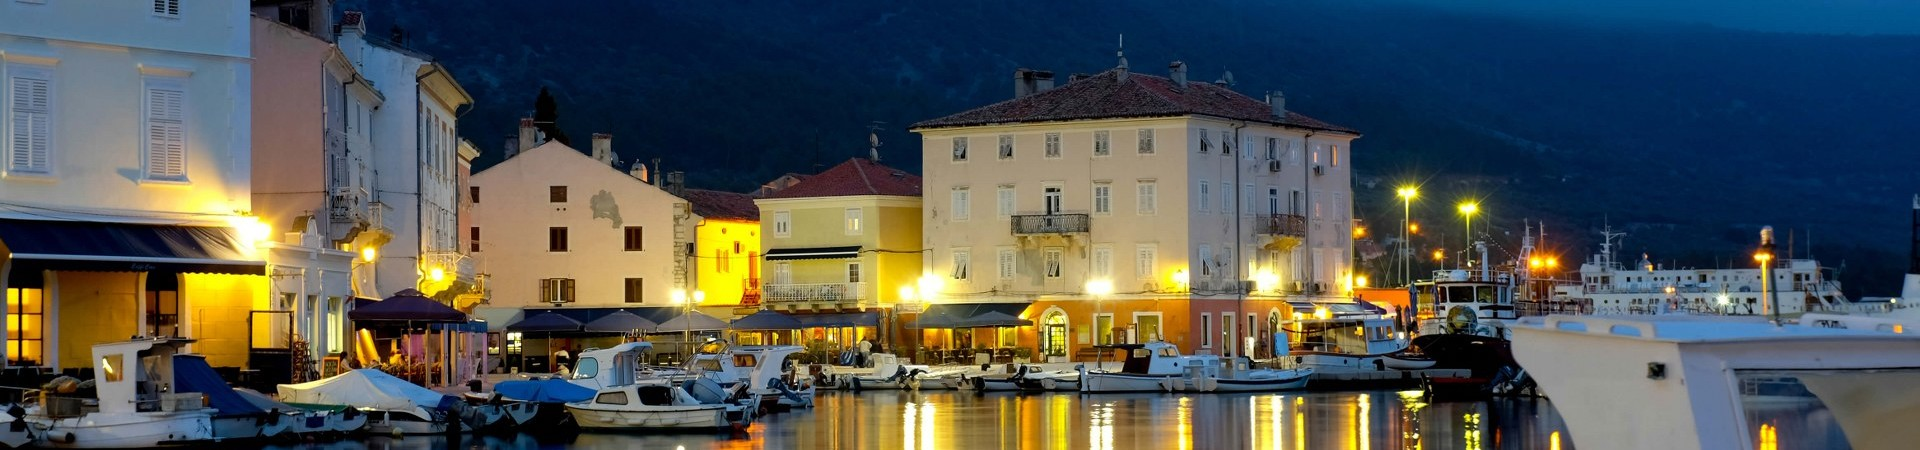 Port w Cres, Chorwacja